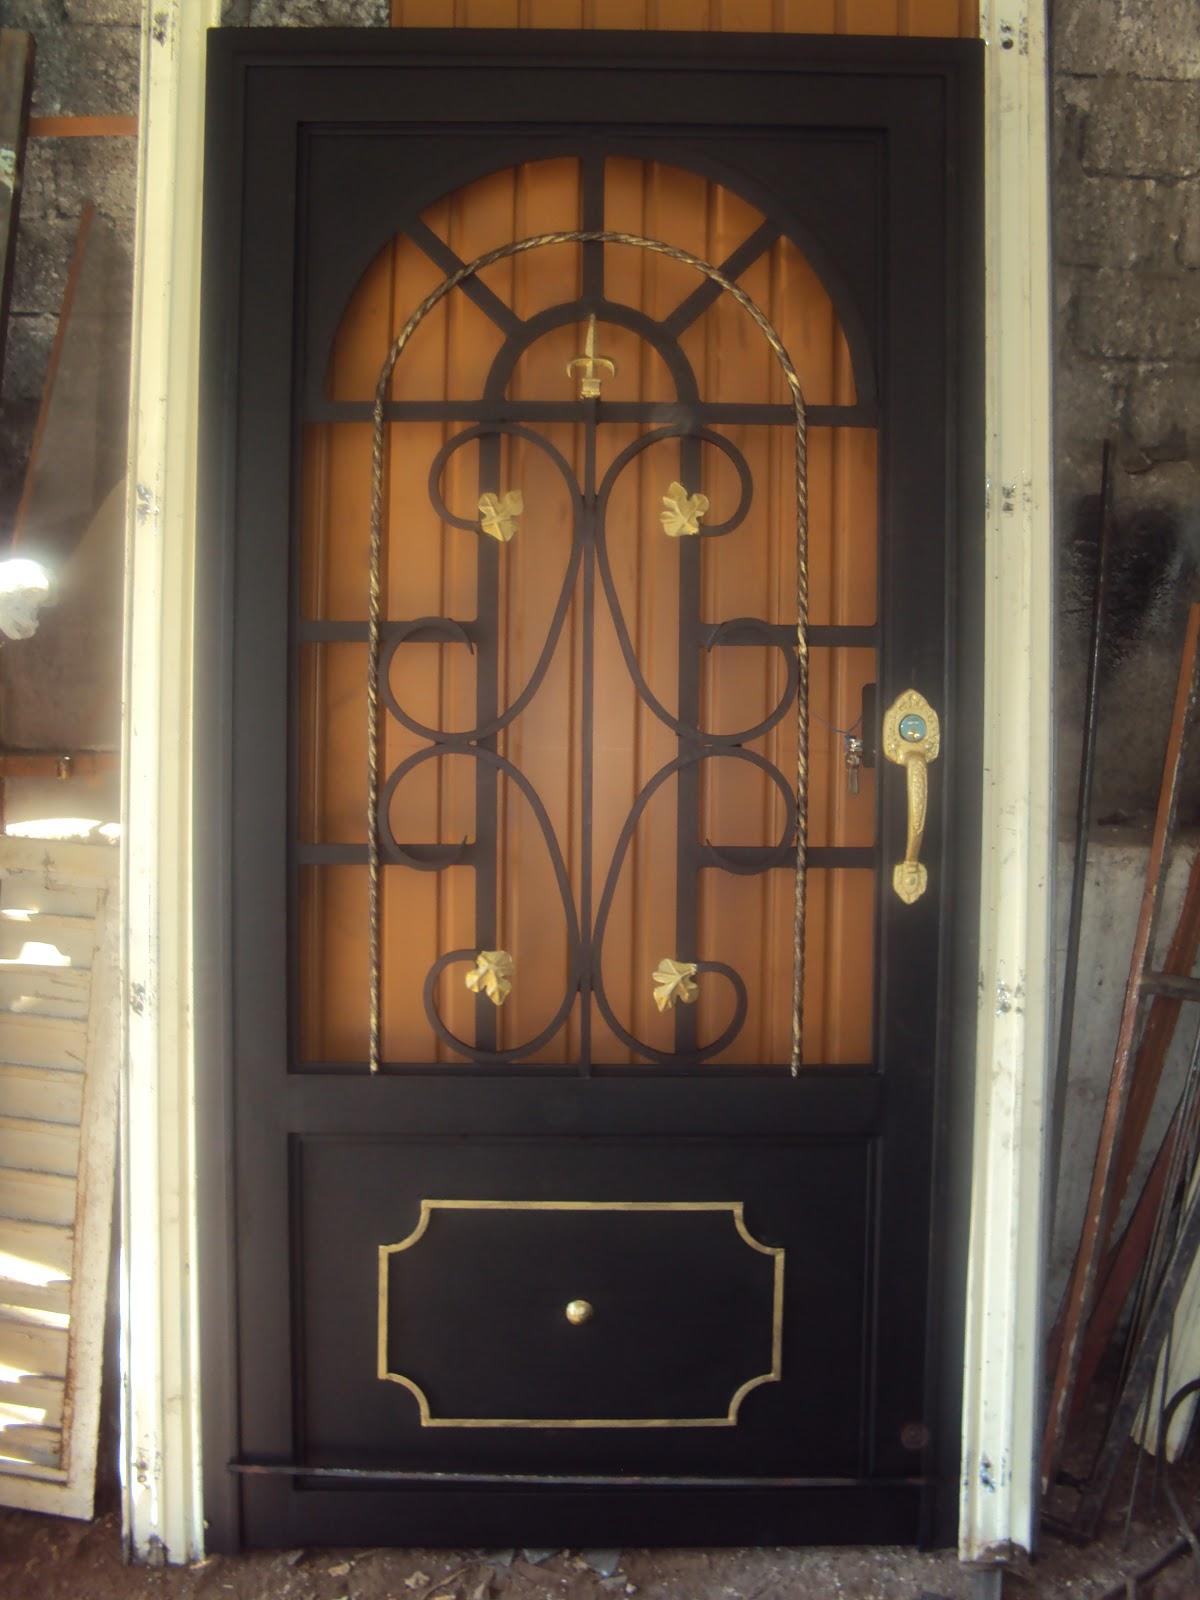 Herreria rober muestra - Fotos de puertas ...